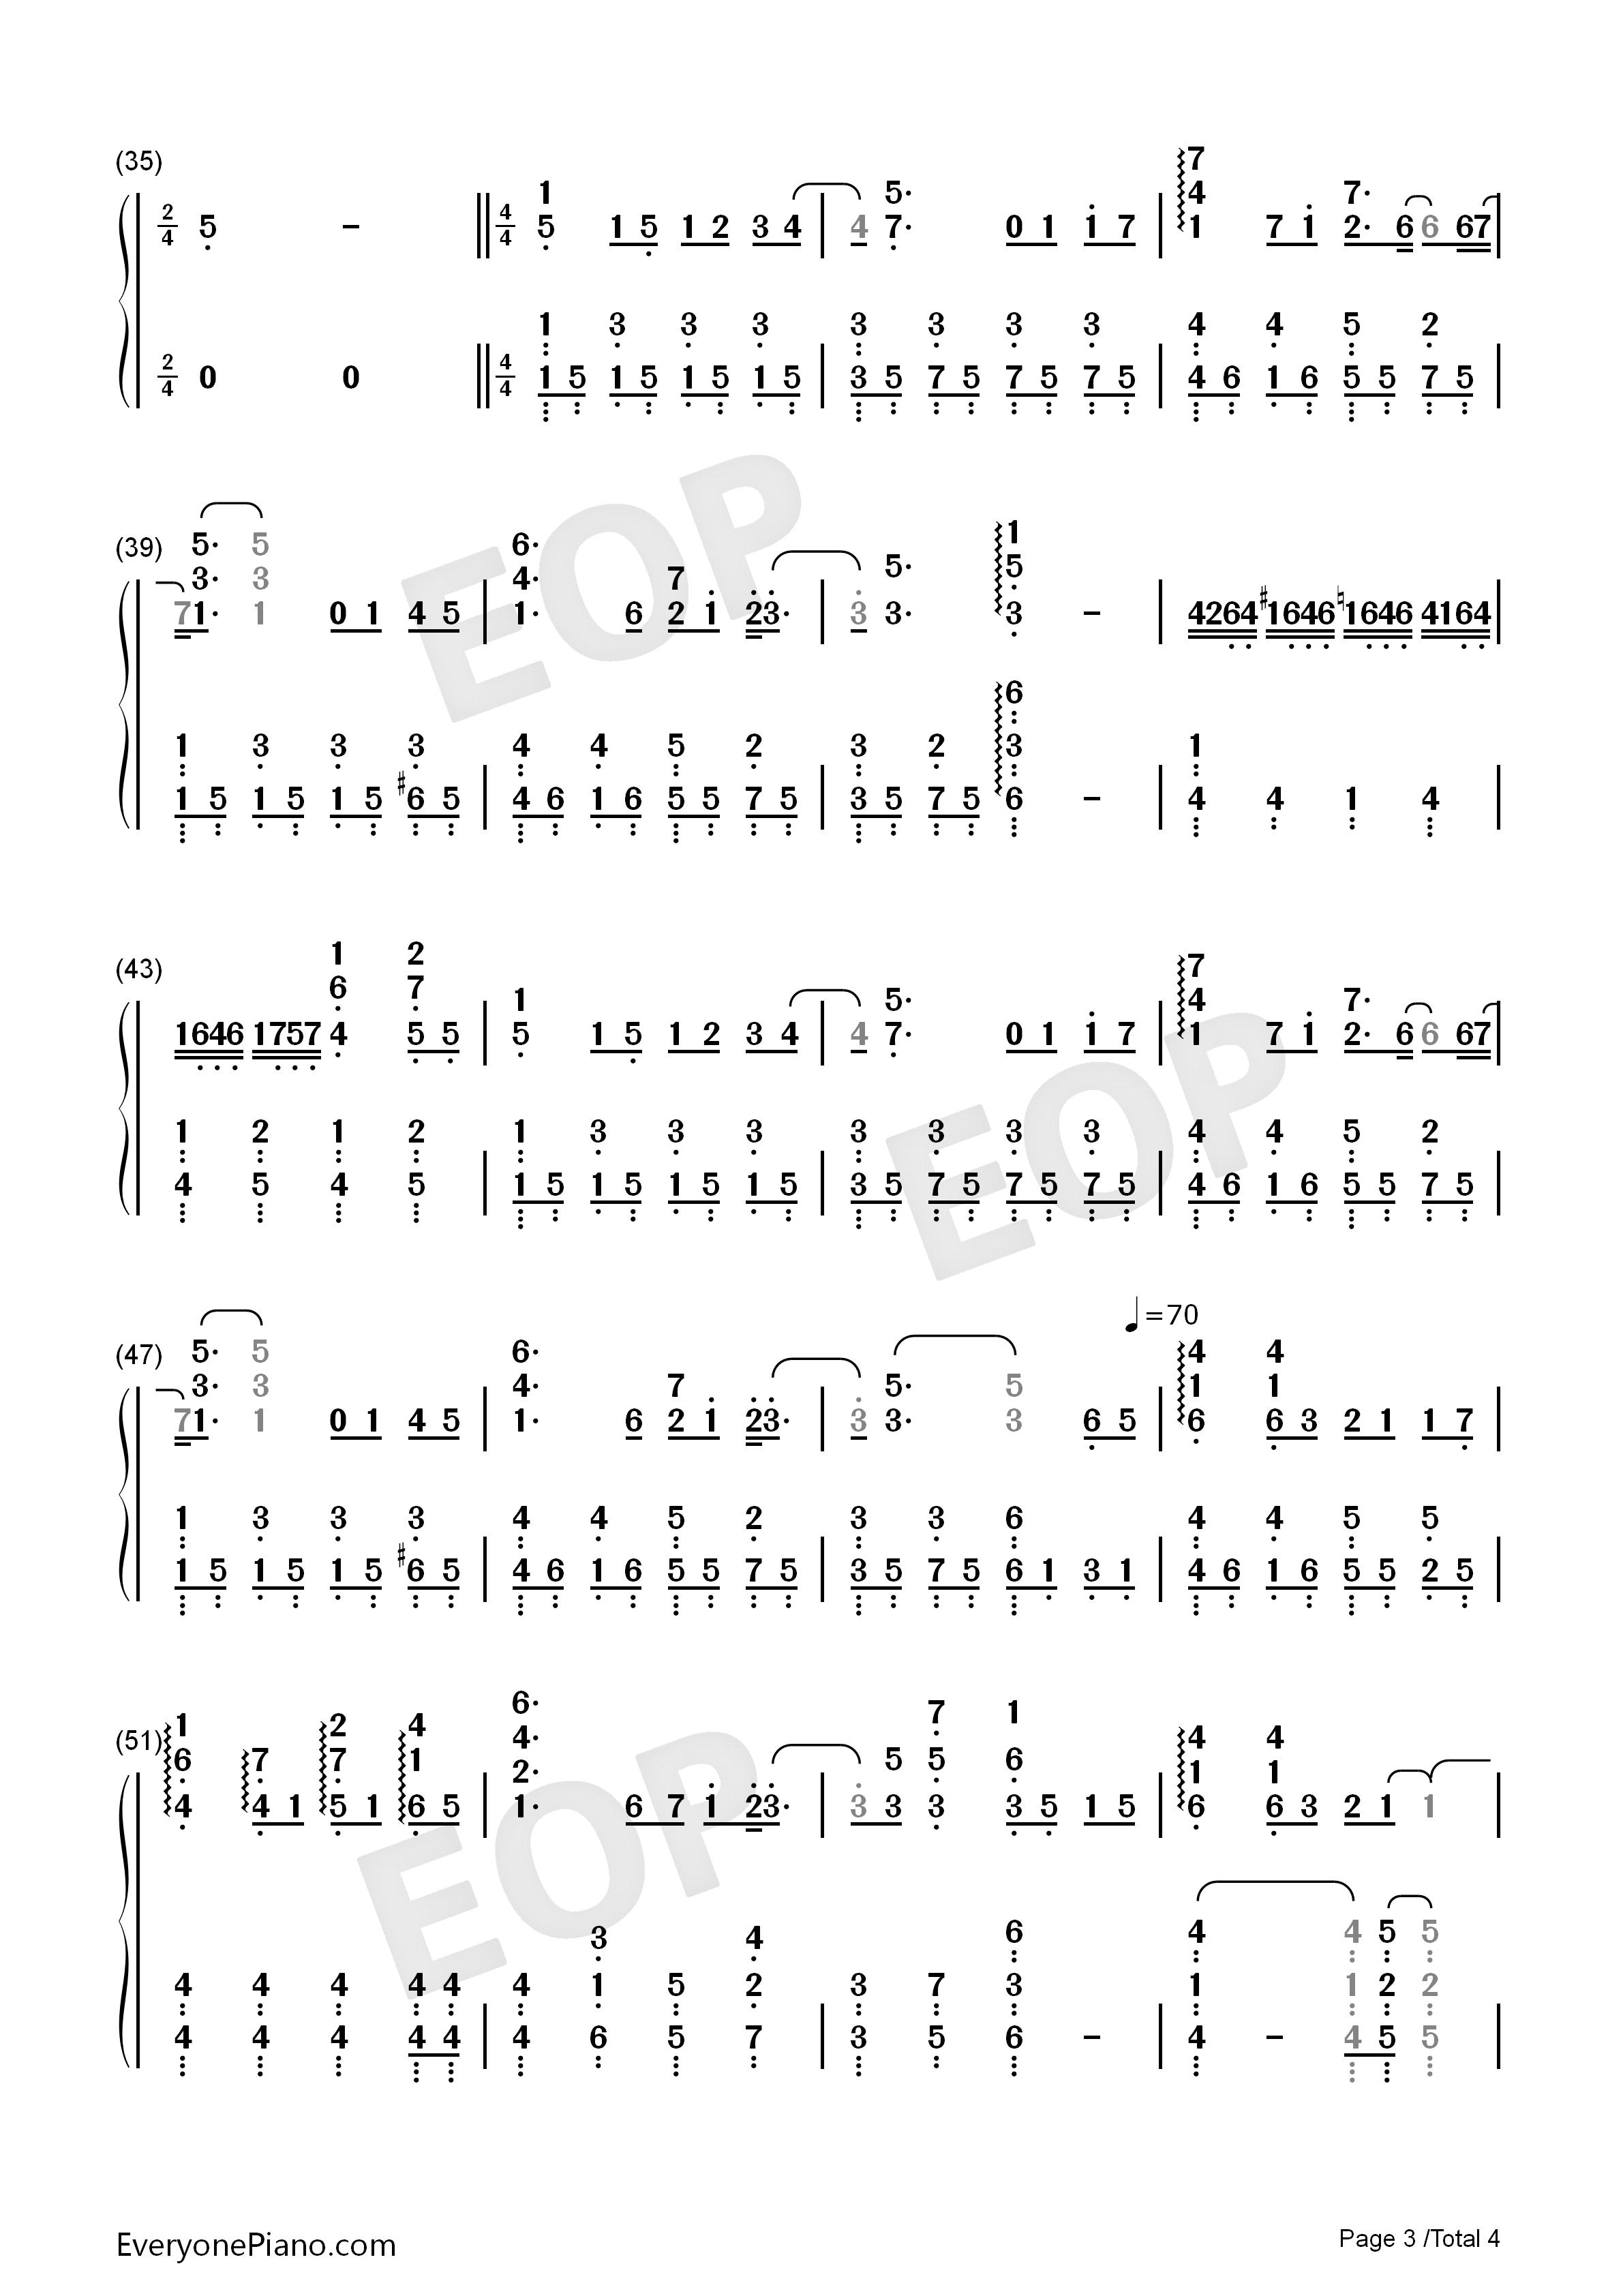 钢琴曲谱 流行 蜗牛-周杰伦 蜗牛-周杰伦双手简谱预览3  }  仅供学习图片